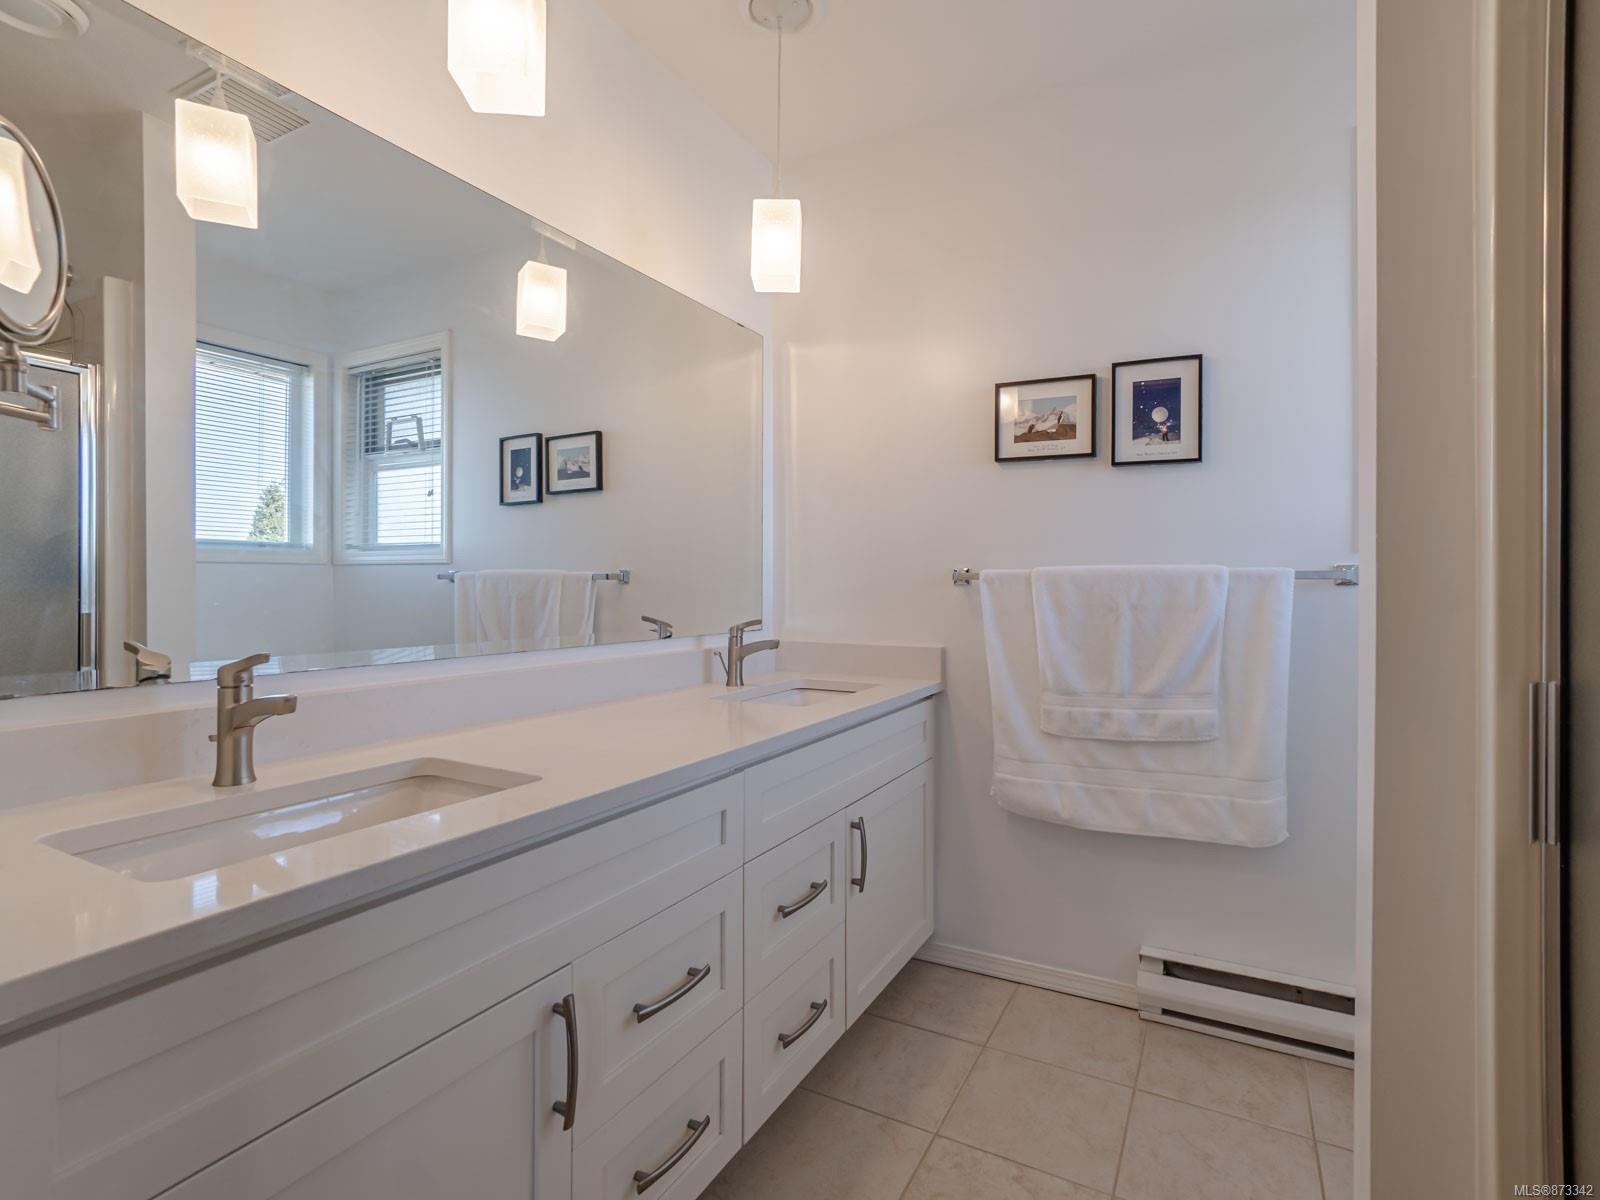 Photo 34: Photos: 5294 Catalina Dr in : Na North Nanaimo House for sale (Nanaimo)  : MLS®# 873342